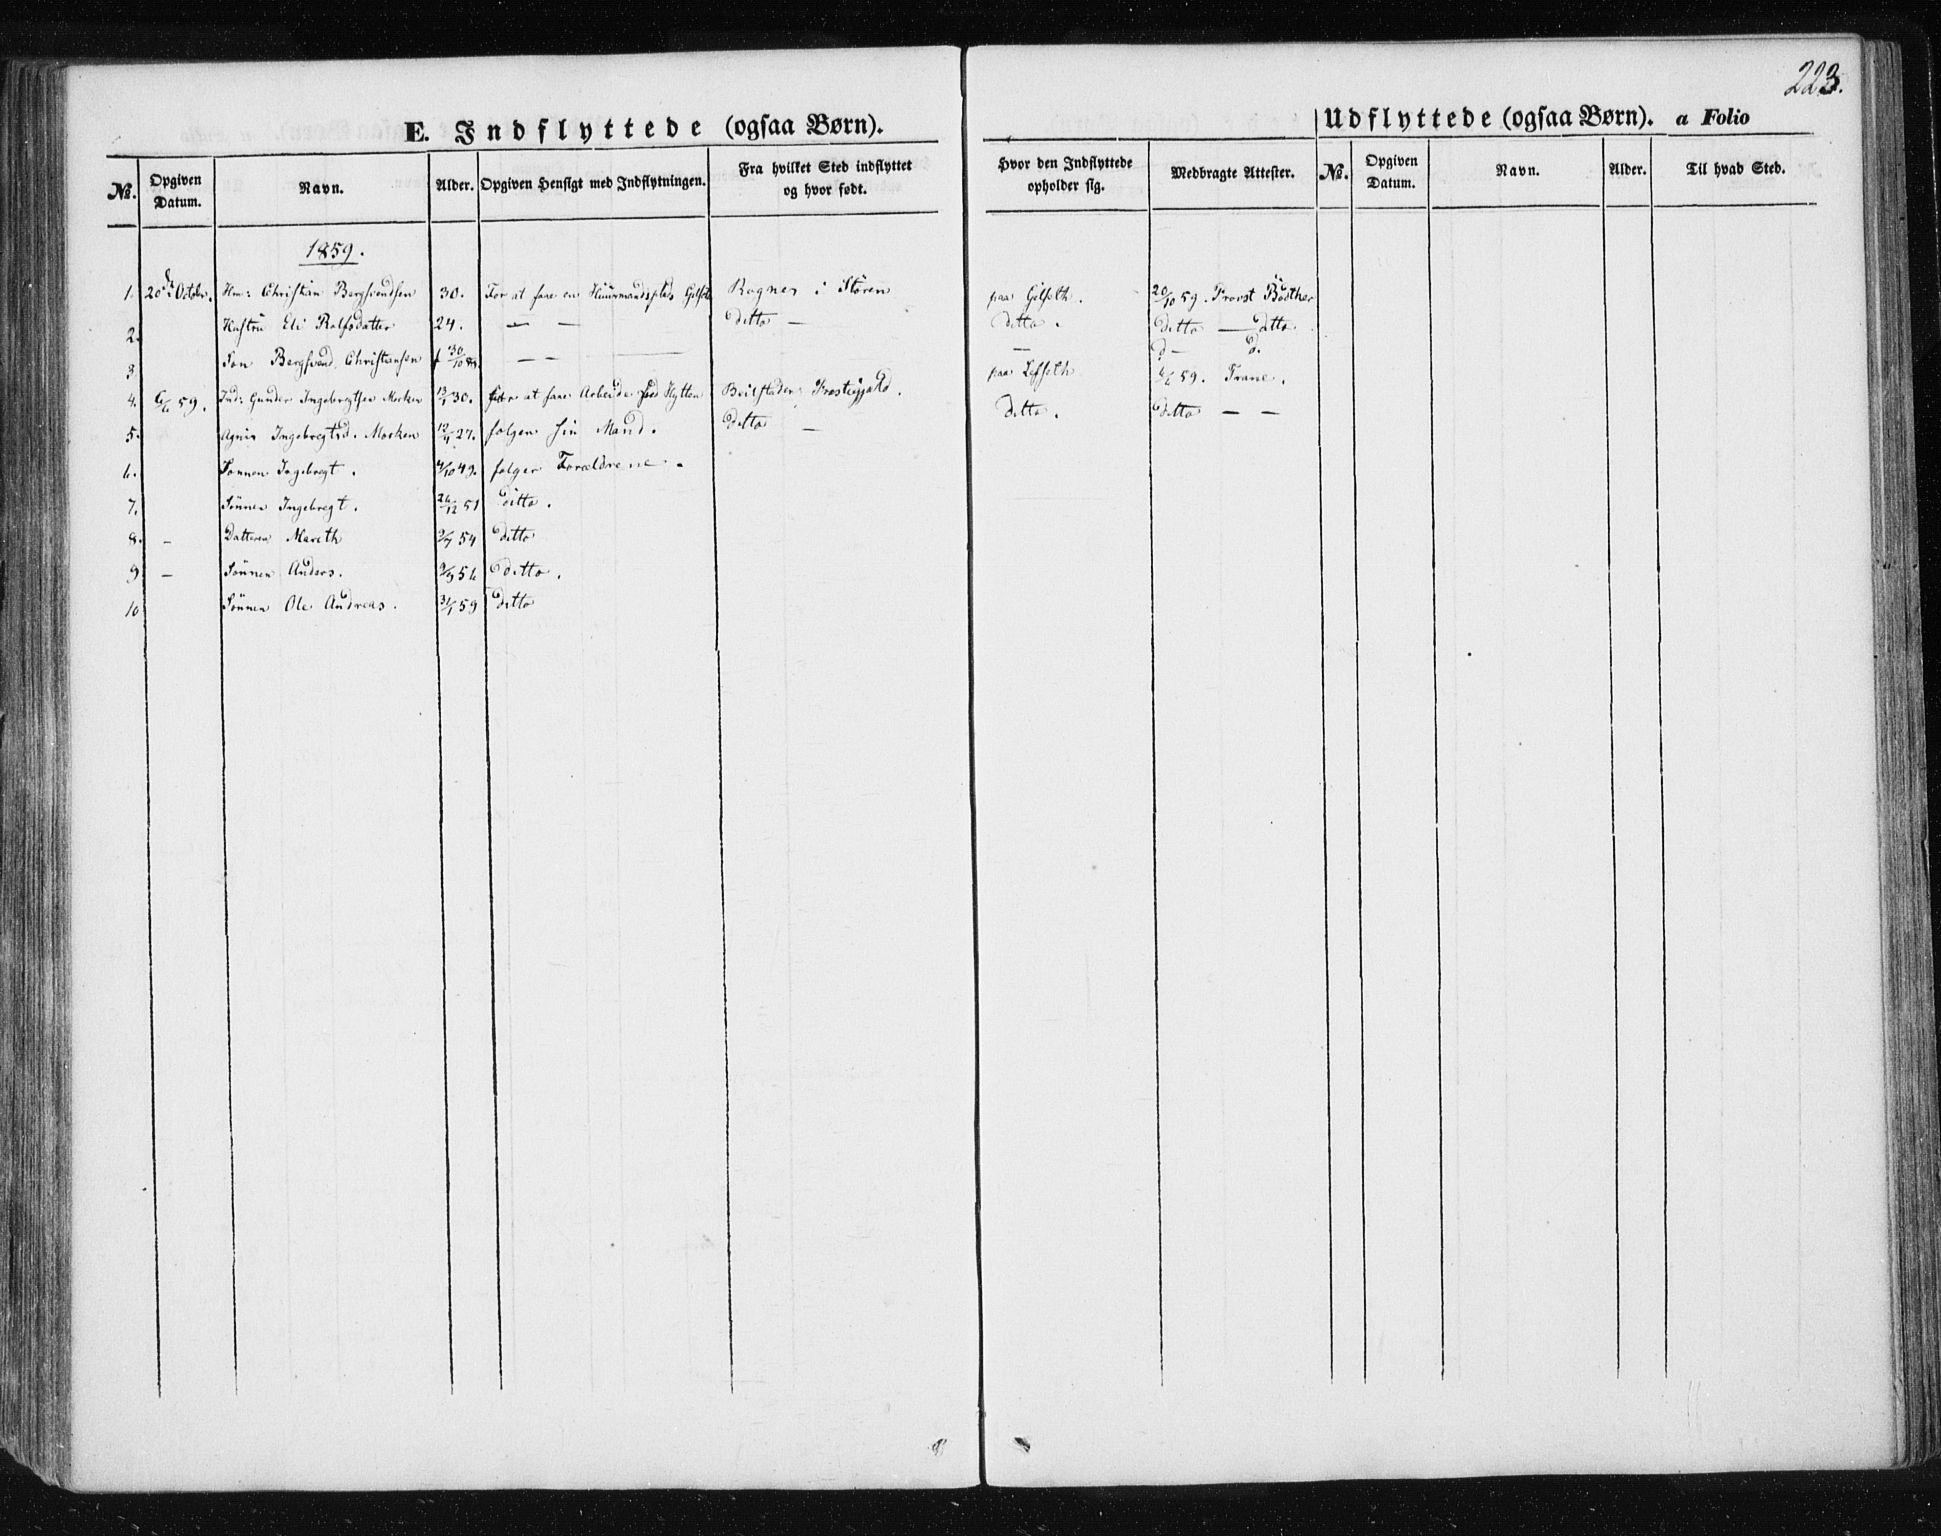 SAT, Ministerialprotokoller, klokkerbøker og fødselsregistre - Sør-Trøndelag, 685/L0963: Ministerialbok nr. 685A06 /1, 1846-1859, s. 223